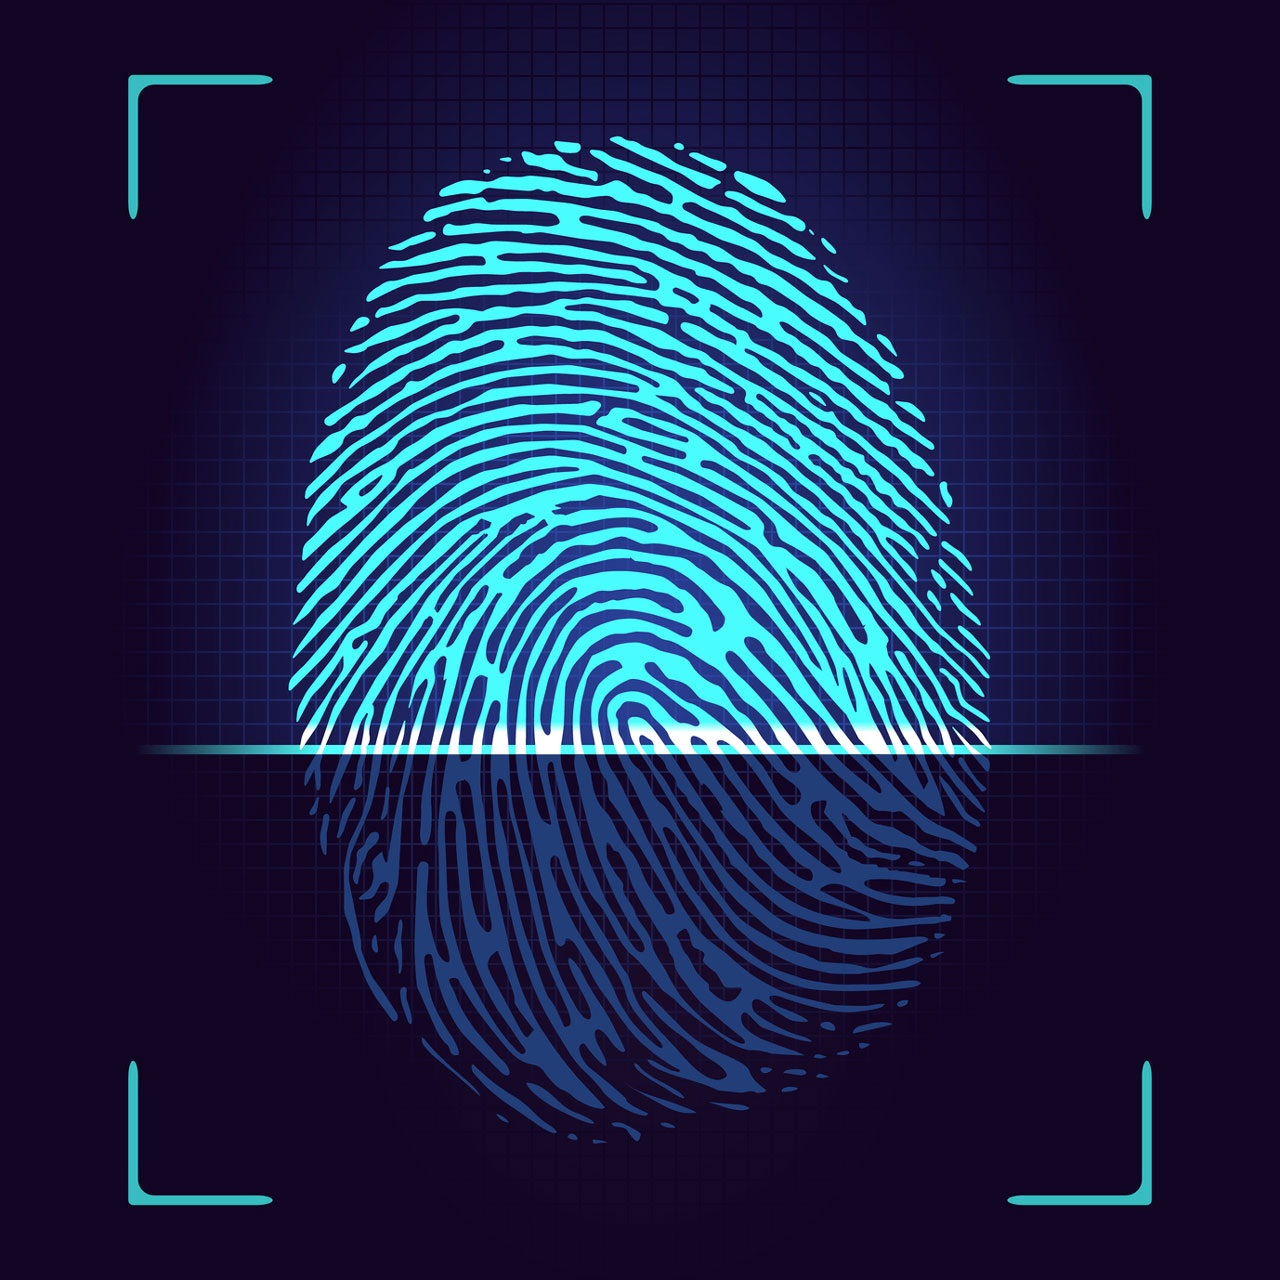 Royaume-Uni : exposition des données biométriques d'un million de personnes